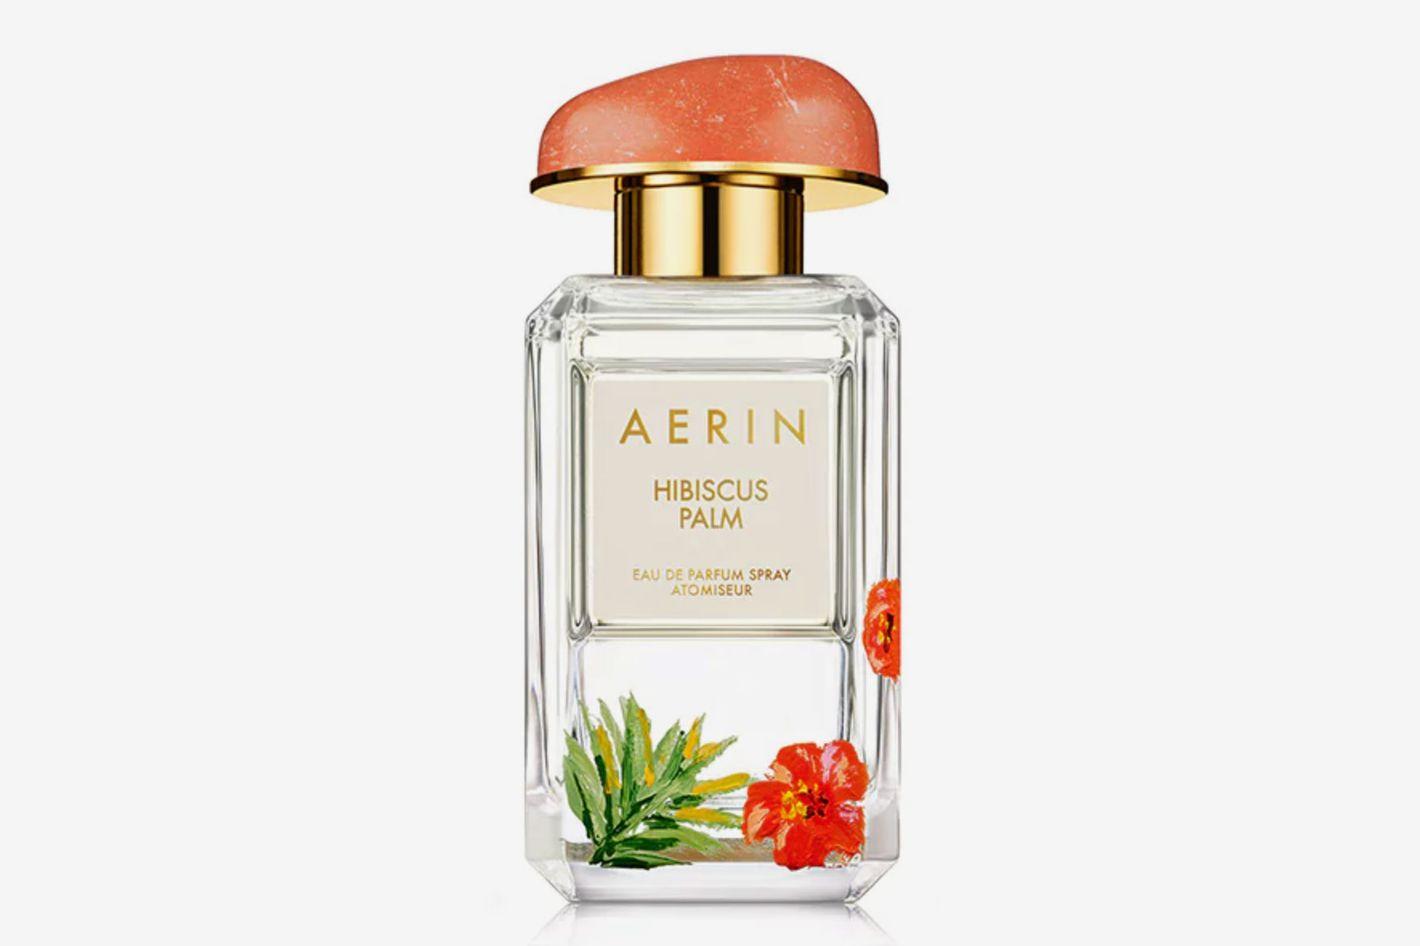 Limited-Edition Hibiscus Palm Eau de Parfum